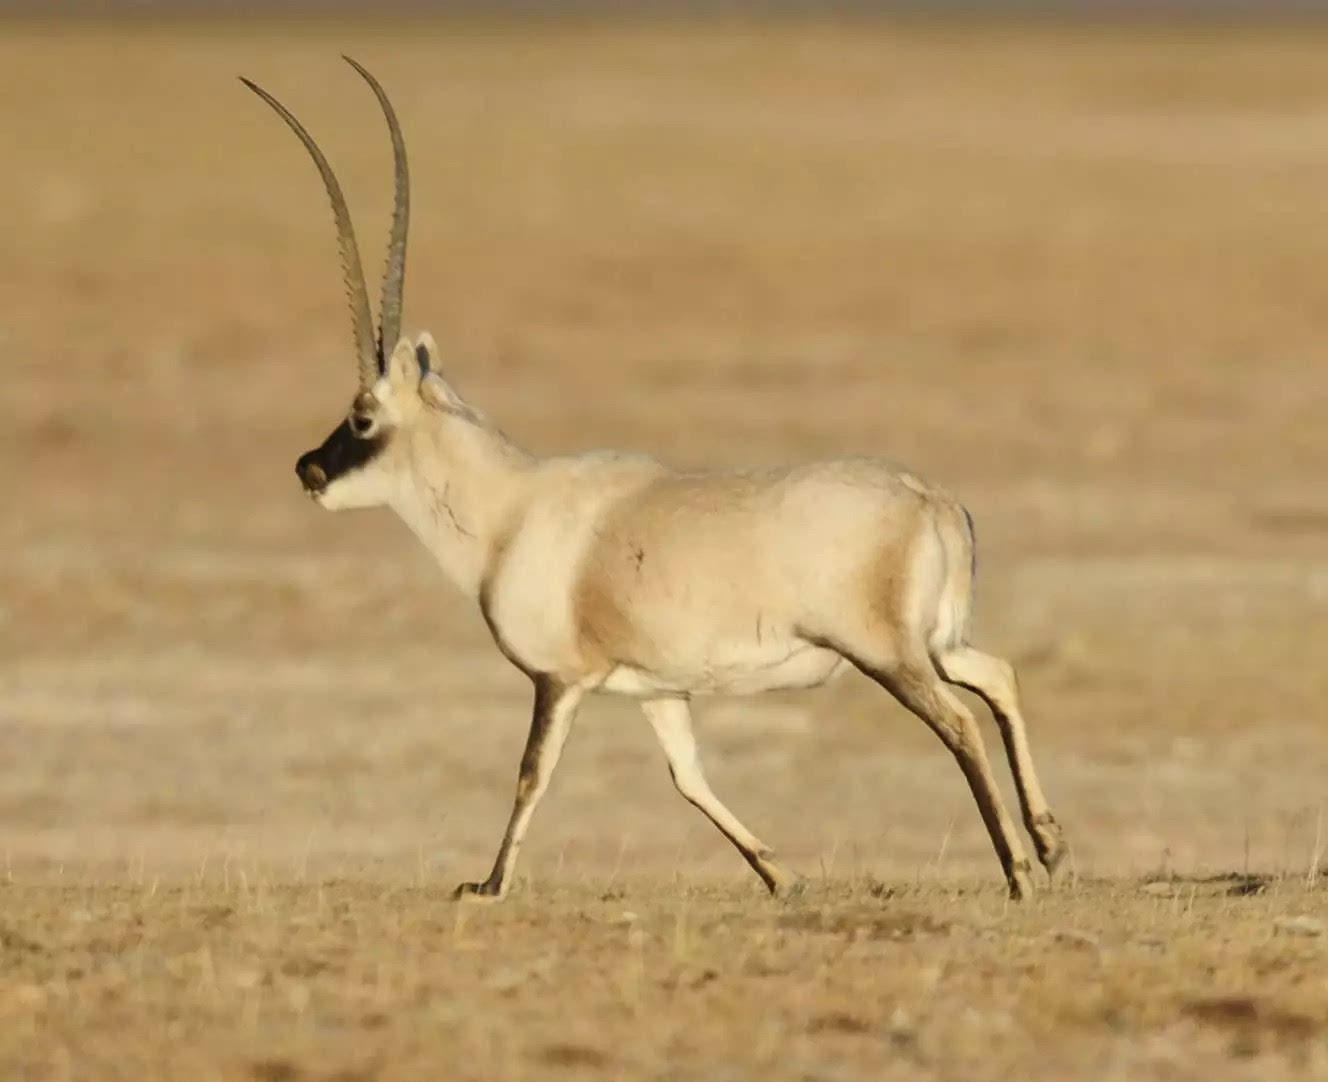 芊芊羊羊-美美哒藏羚羊   高鼻羚羊(羊兄,你的鼻子好帅)   羊牛族(哈哈,这